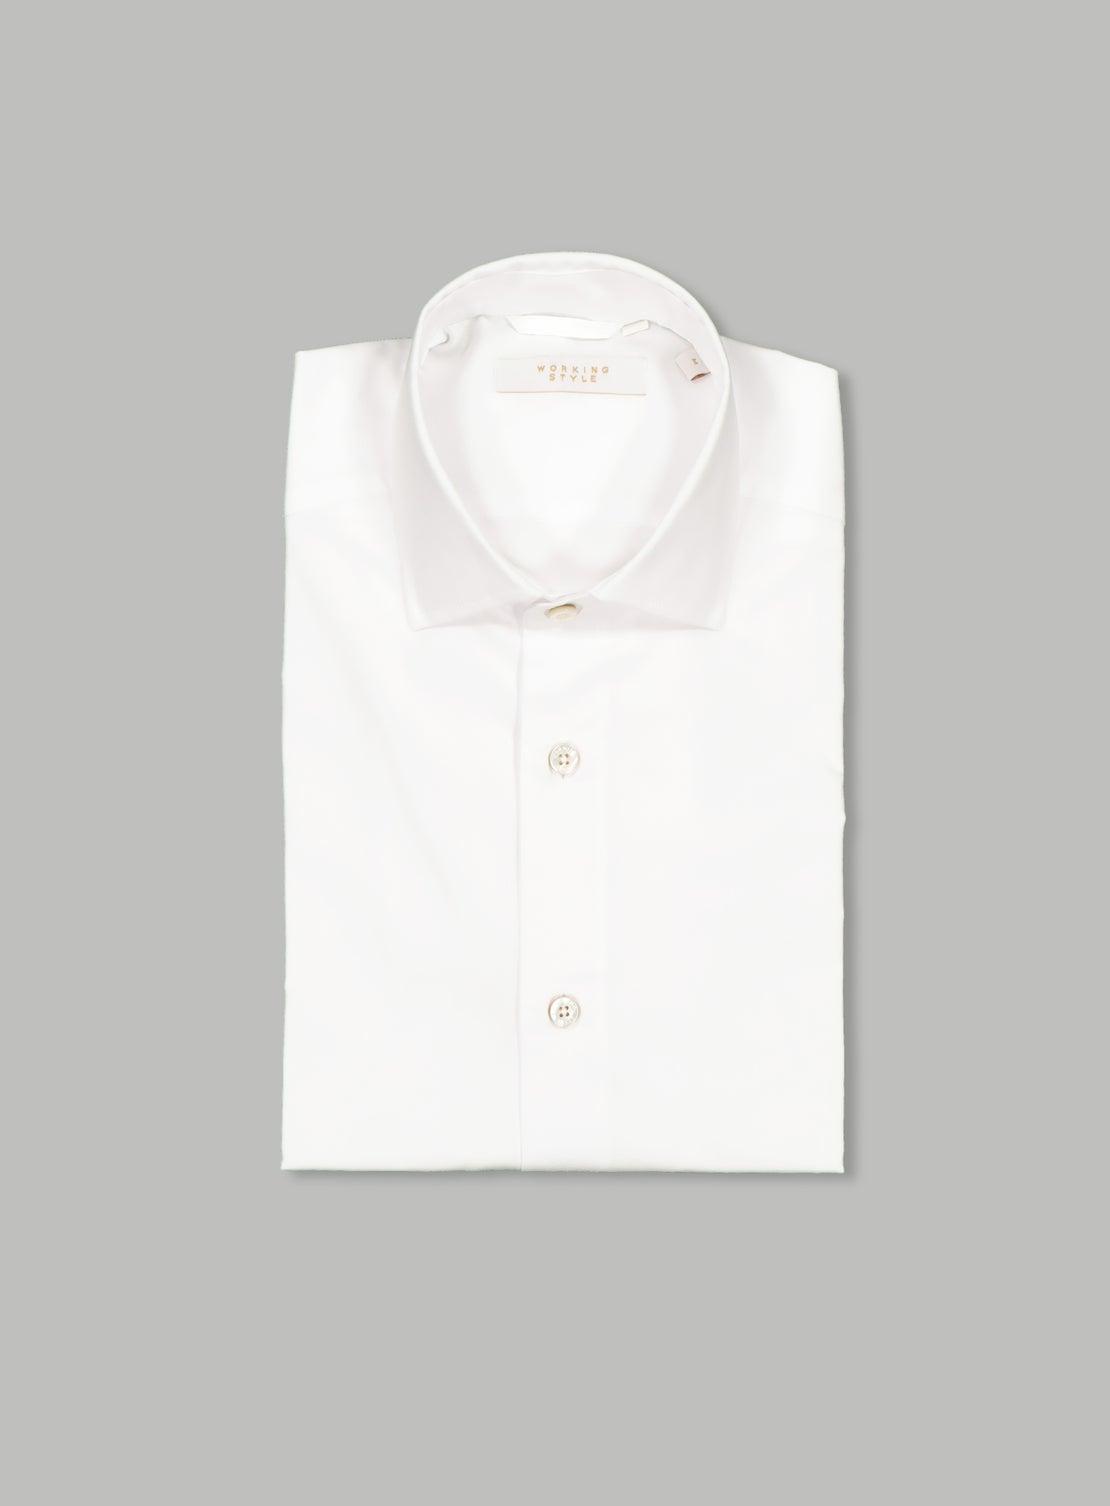 *White Twill Shirt